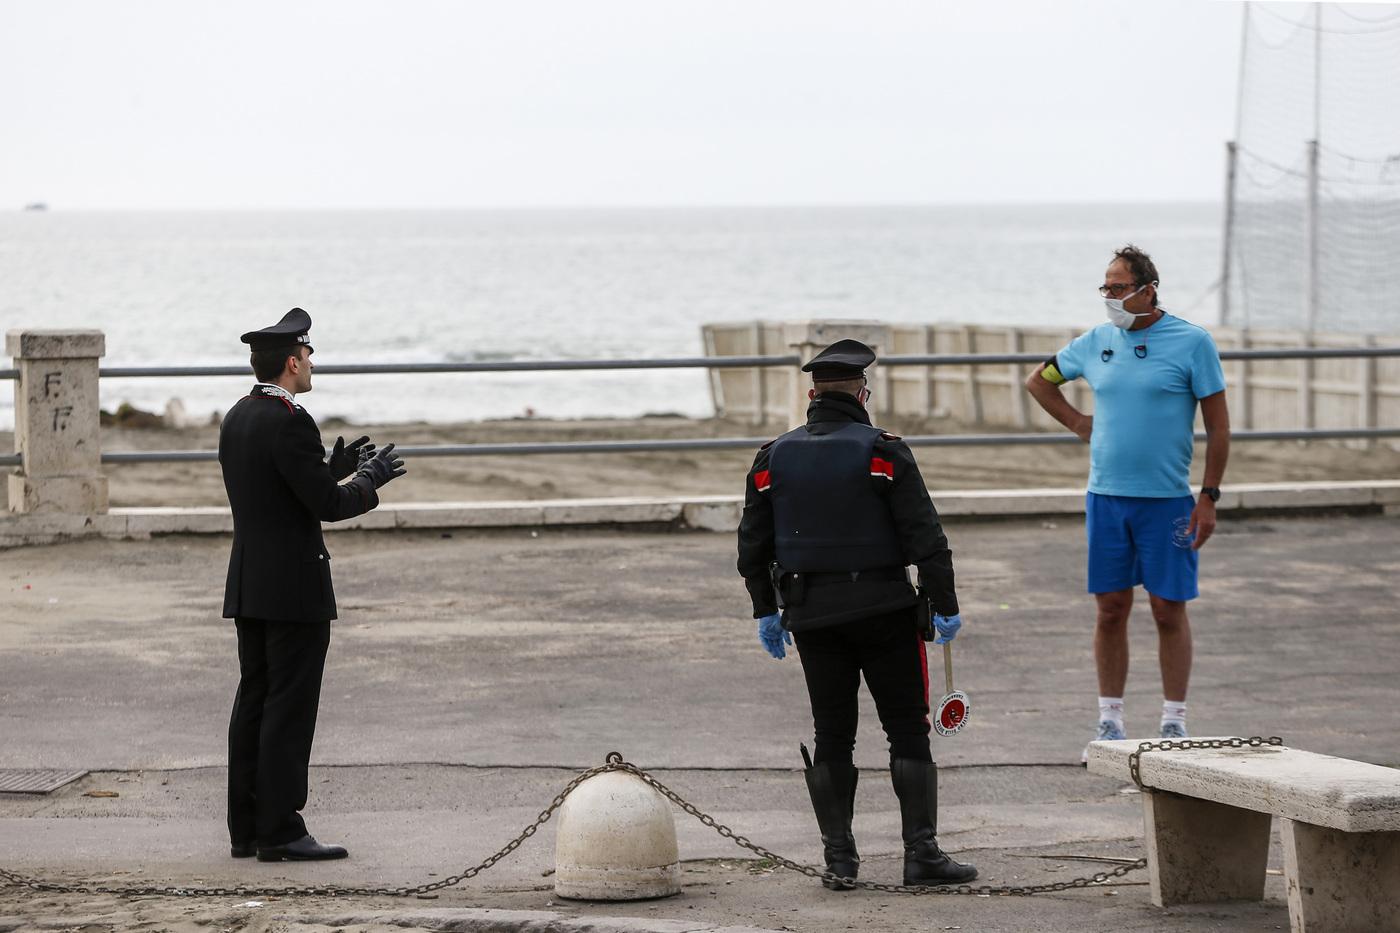 Allarme contagi, adesso un sindaco minaccia di chiudere parchi pubblici e spiagge